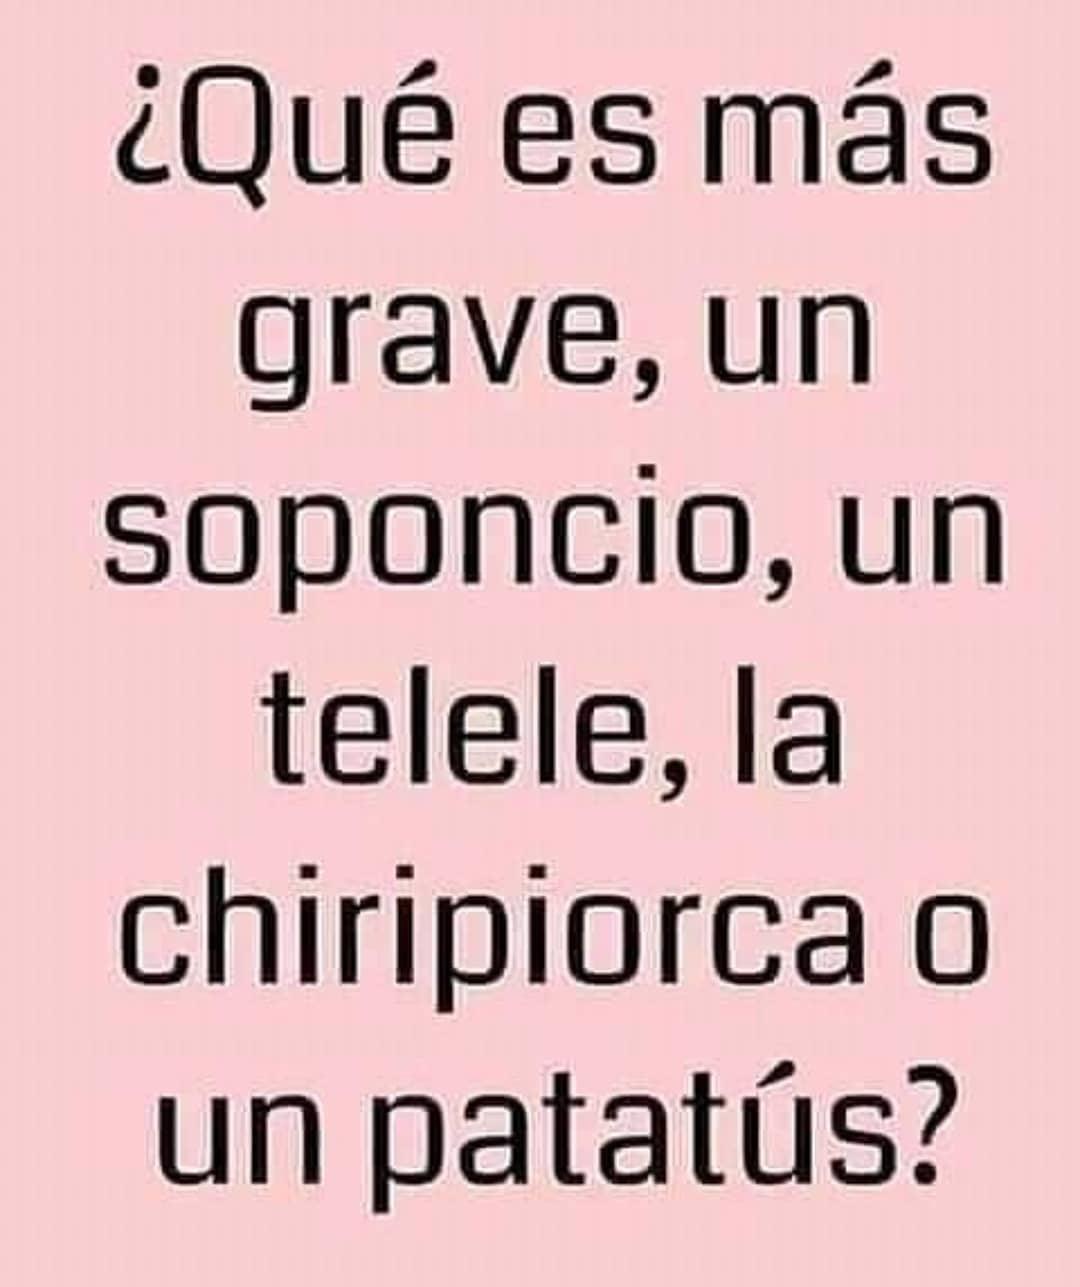 ¿Qué es más grave, un soponcio, un telele, la chiripiorca o un patatús?